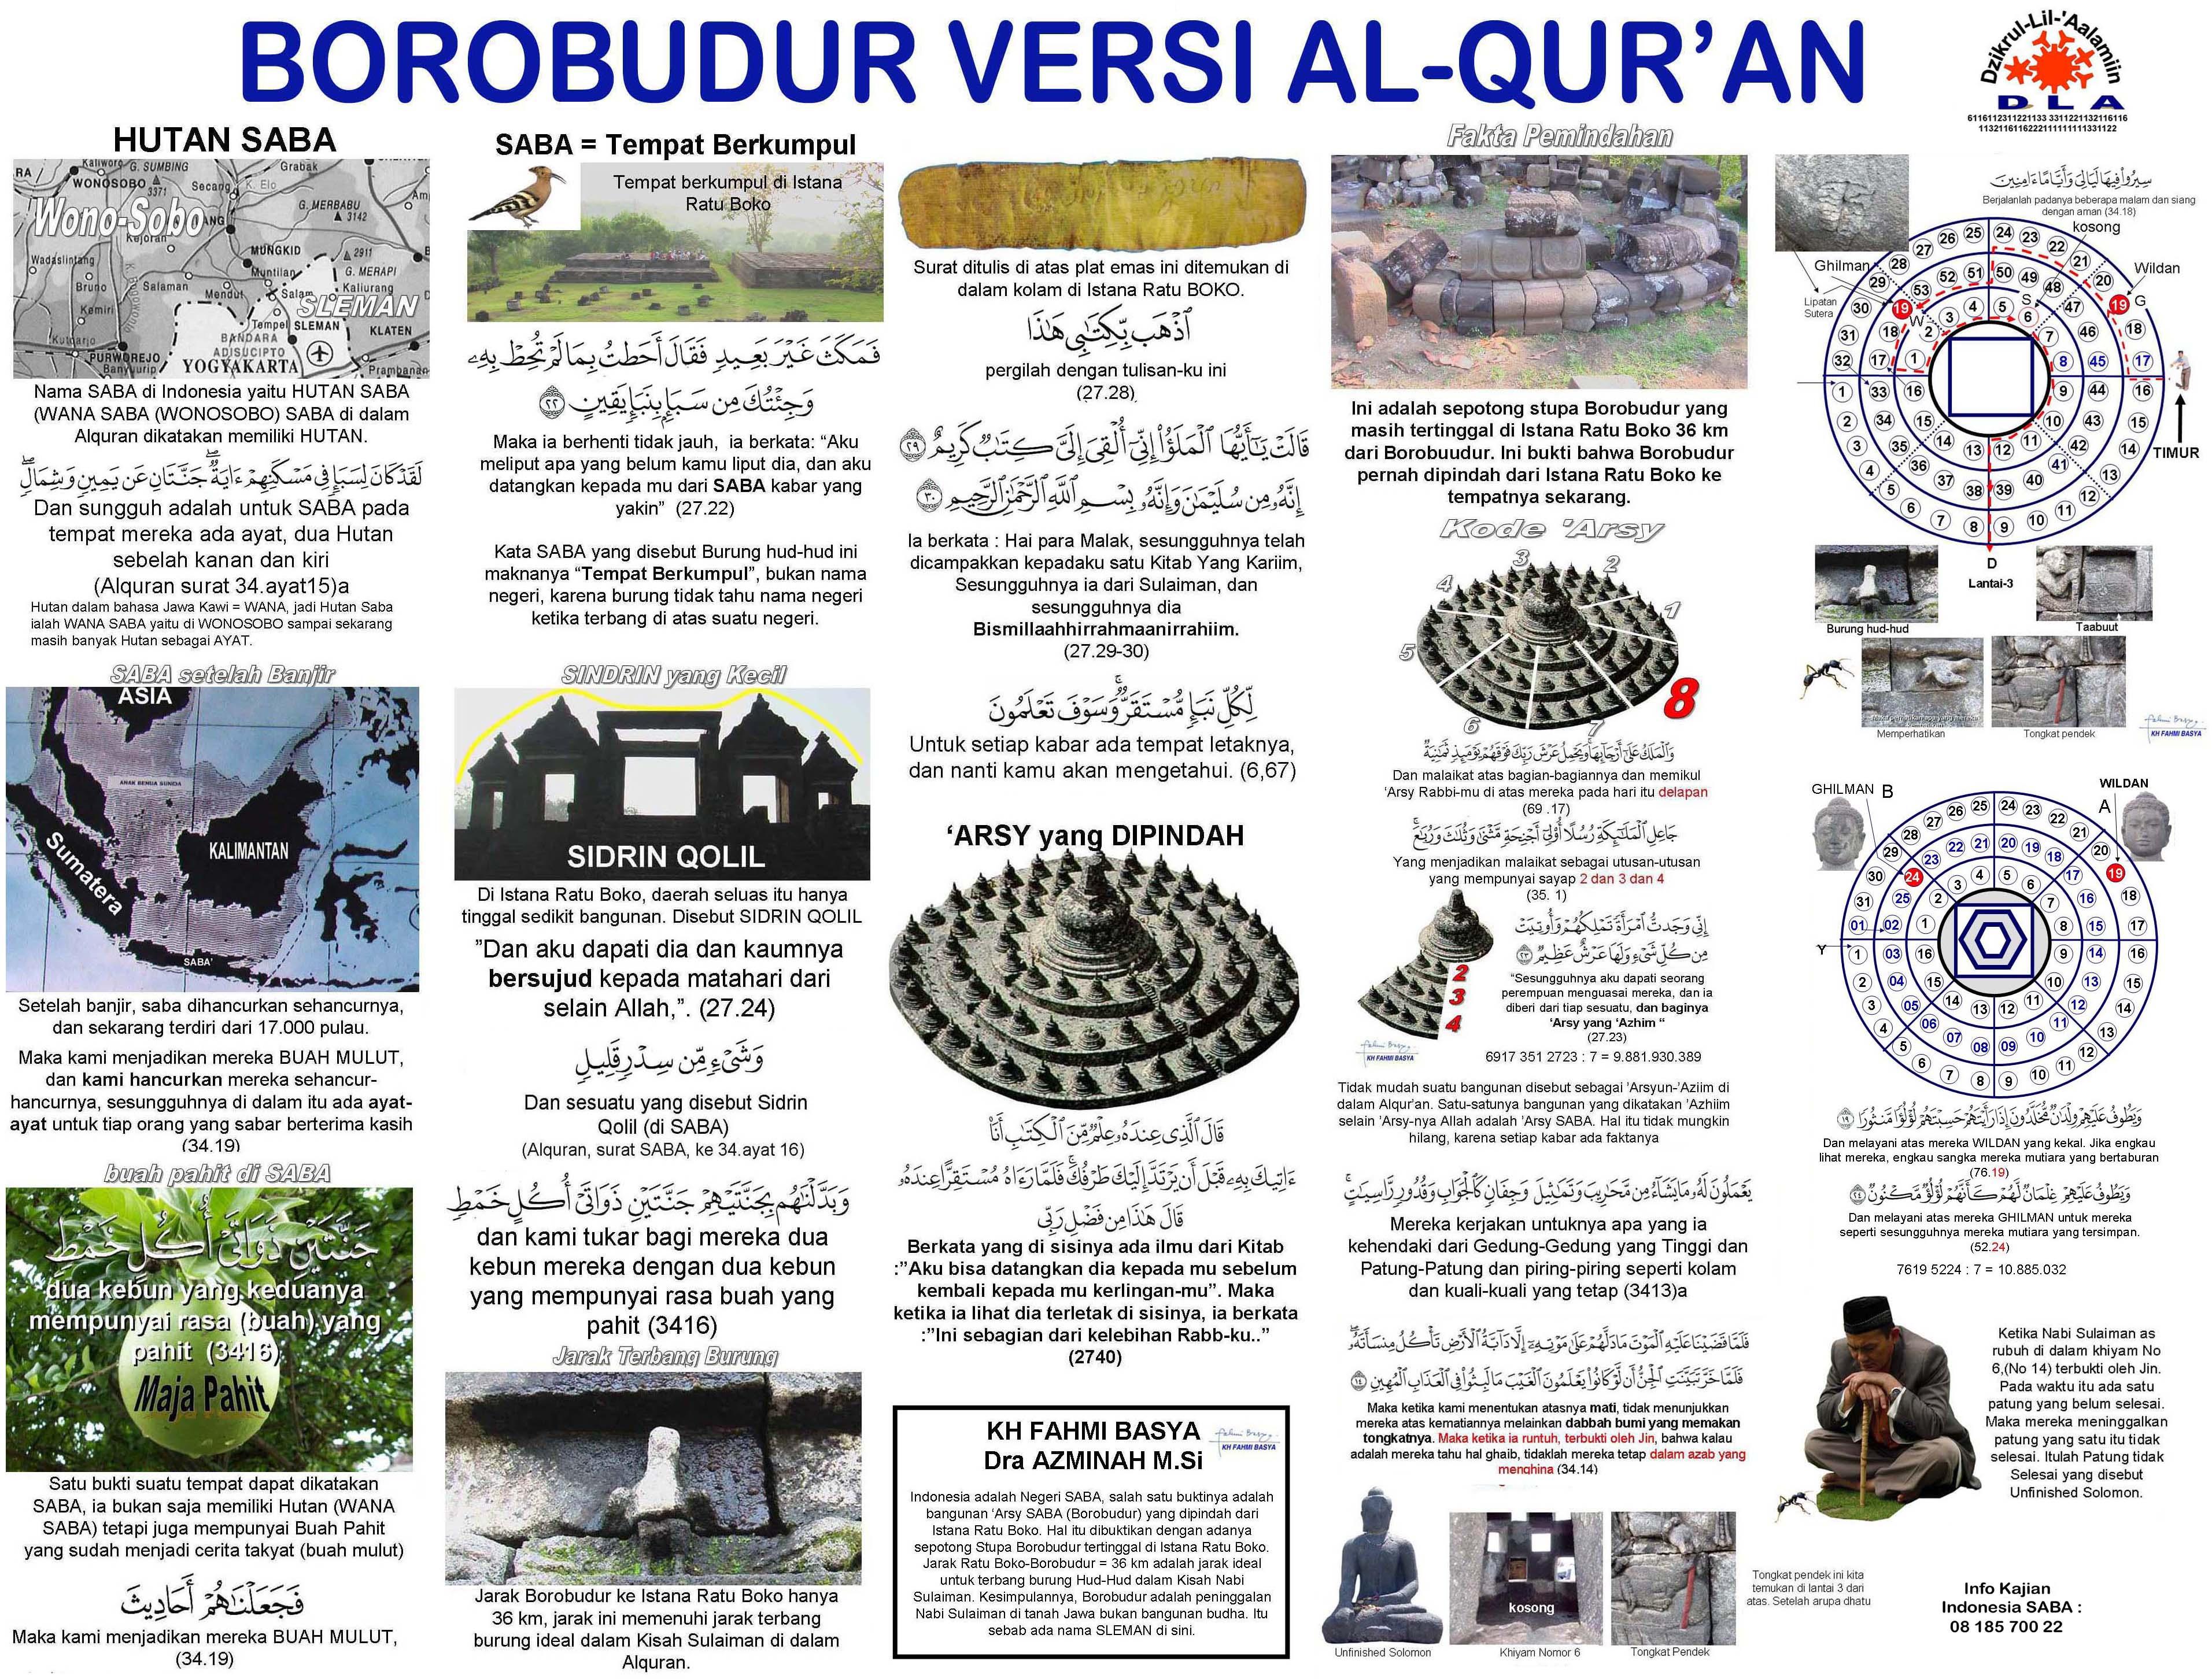 Buku Bantahan Untuk Borobudur Peninggalan Nabi Sulaiman Kaskus